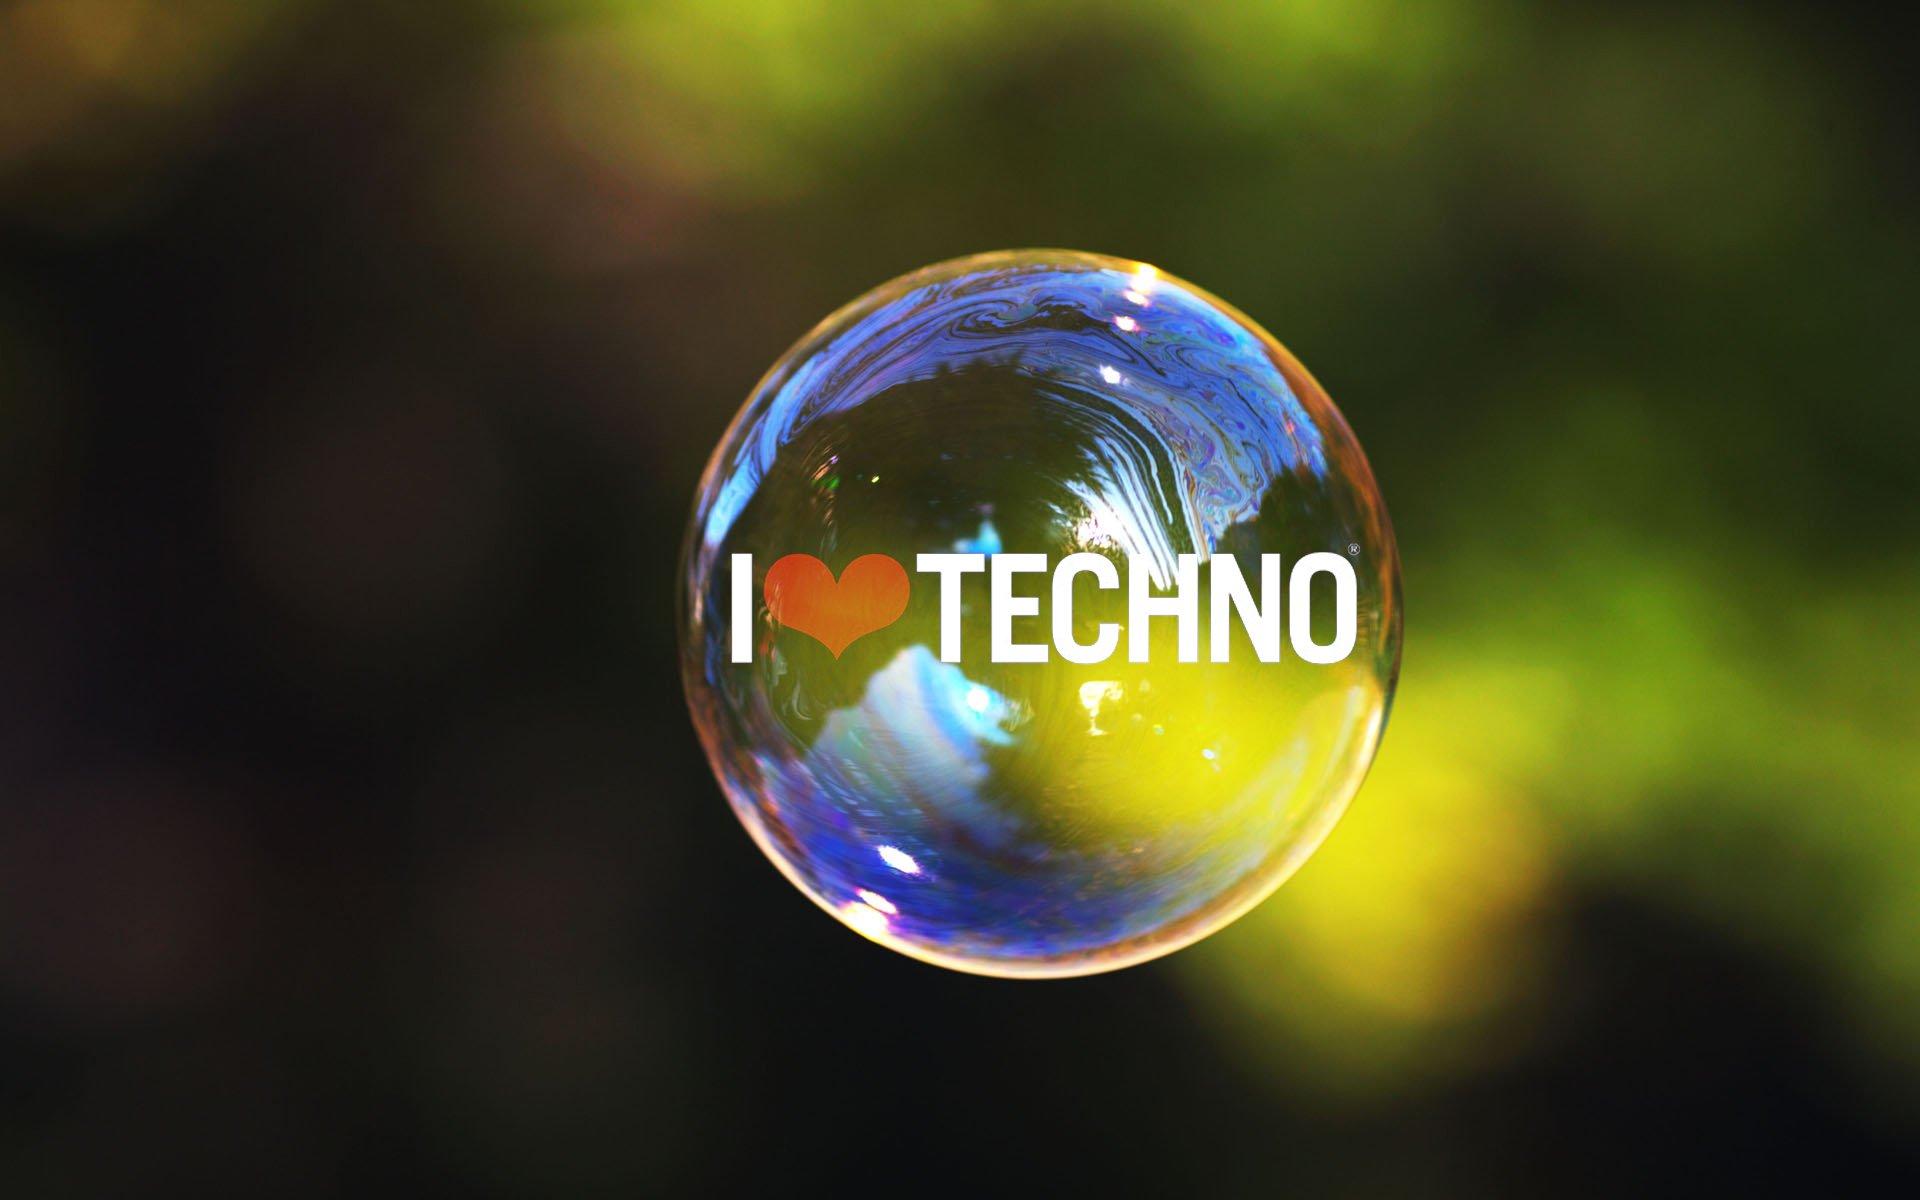 2016: Burbuja del TECHNO en Colombia ?